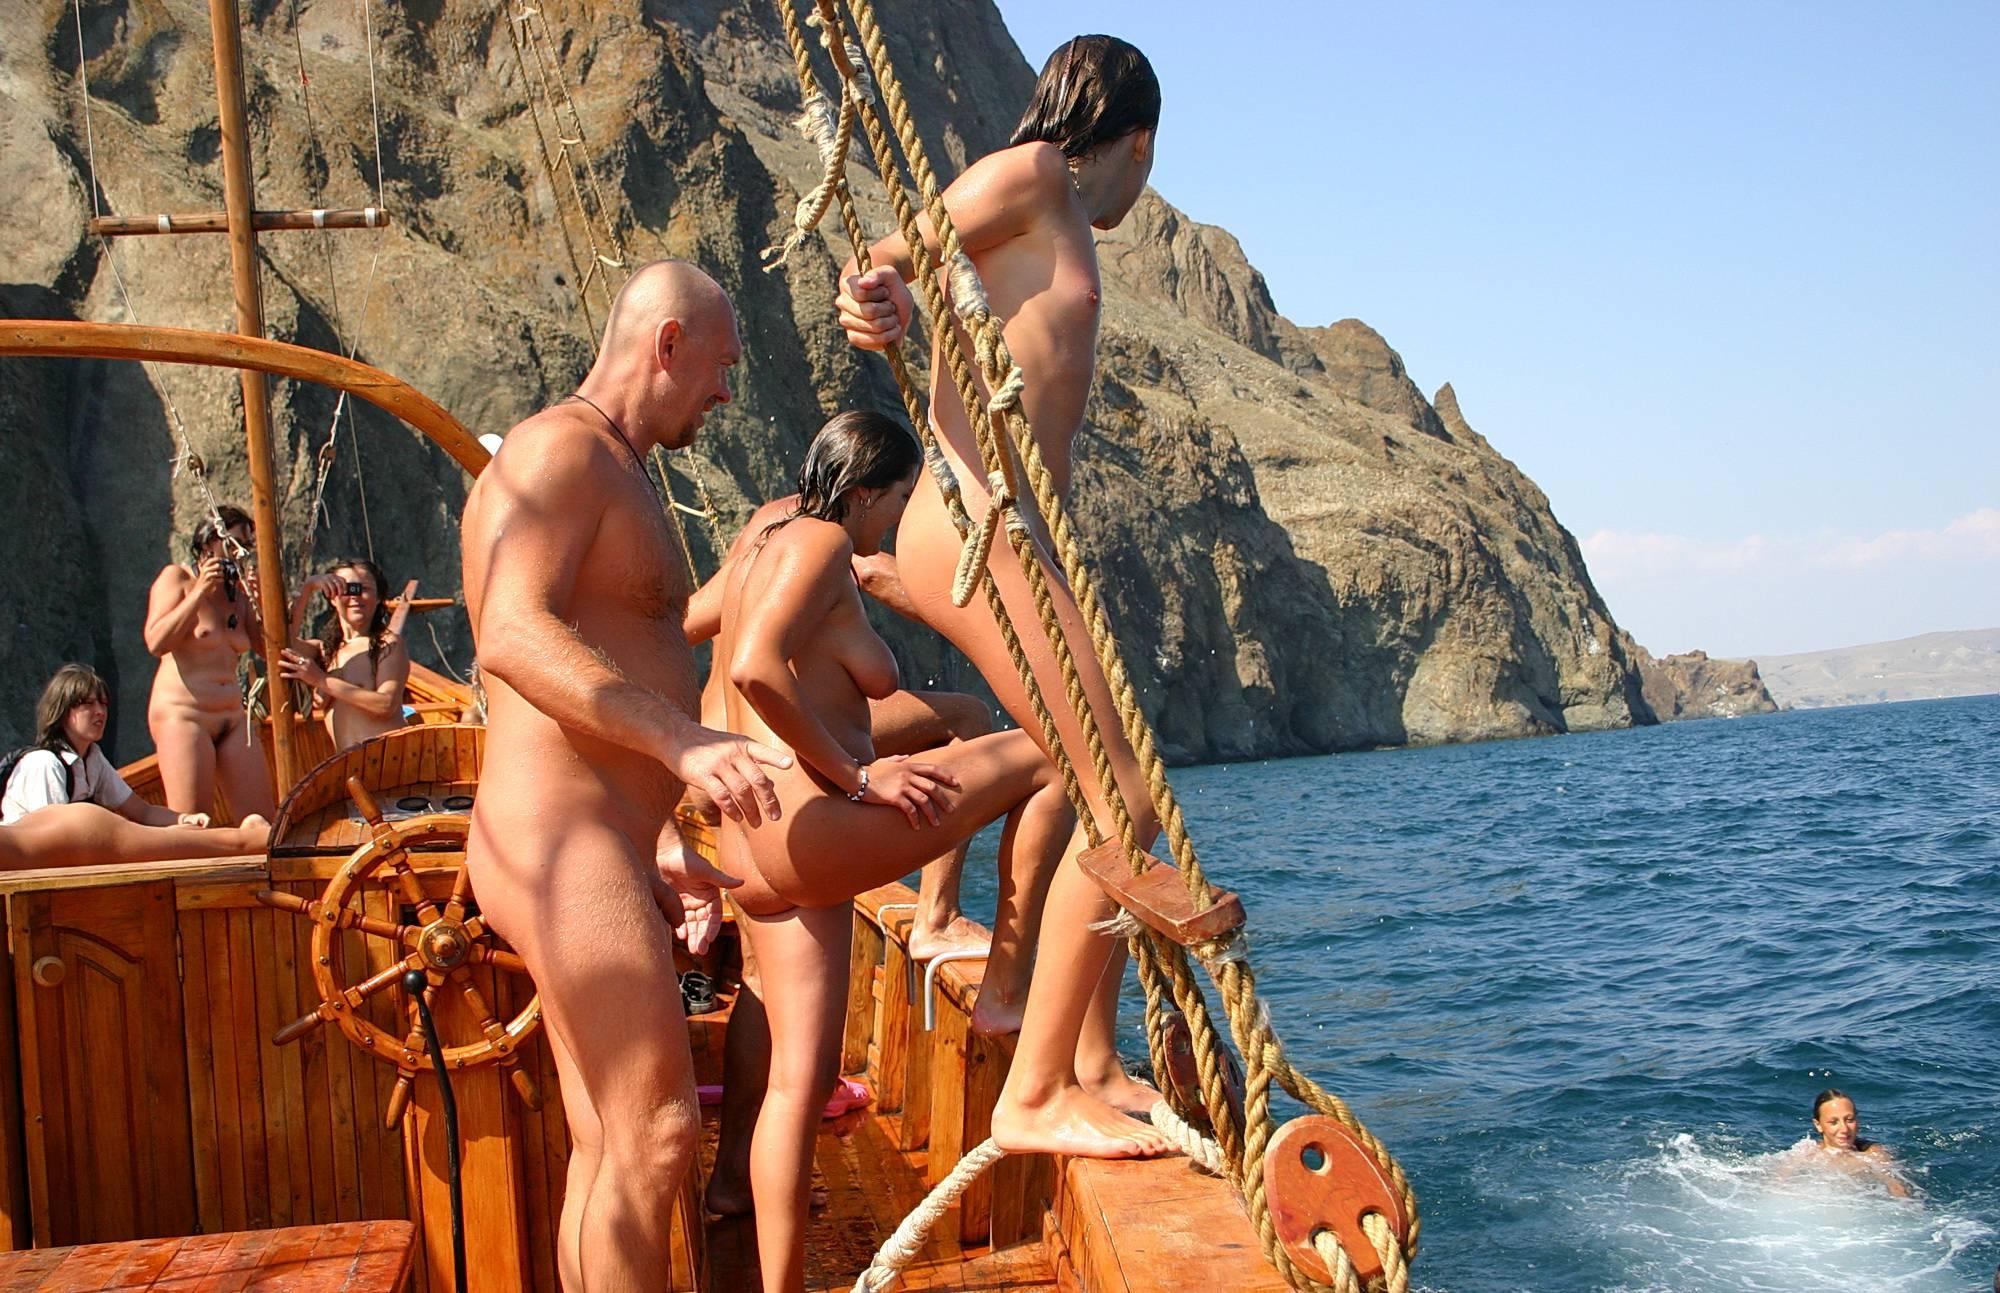 Arr Mateys! Pirates Ahoy - 1